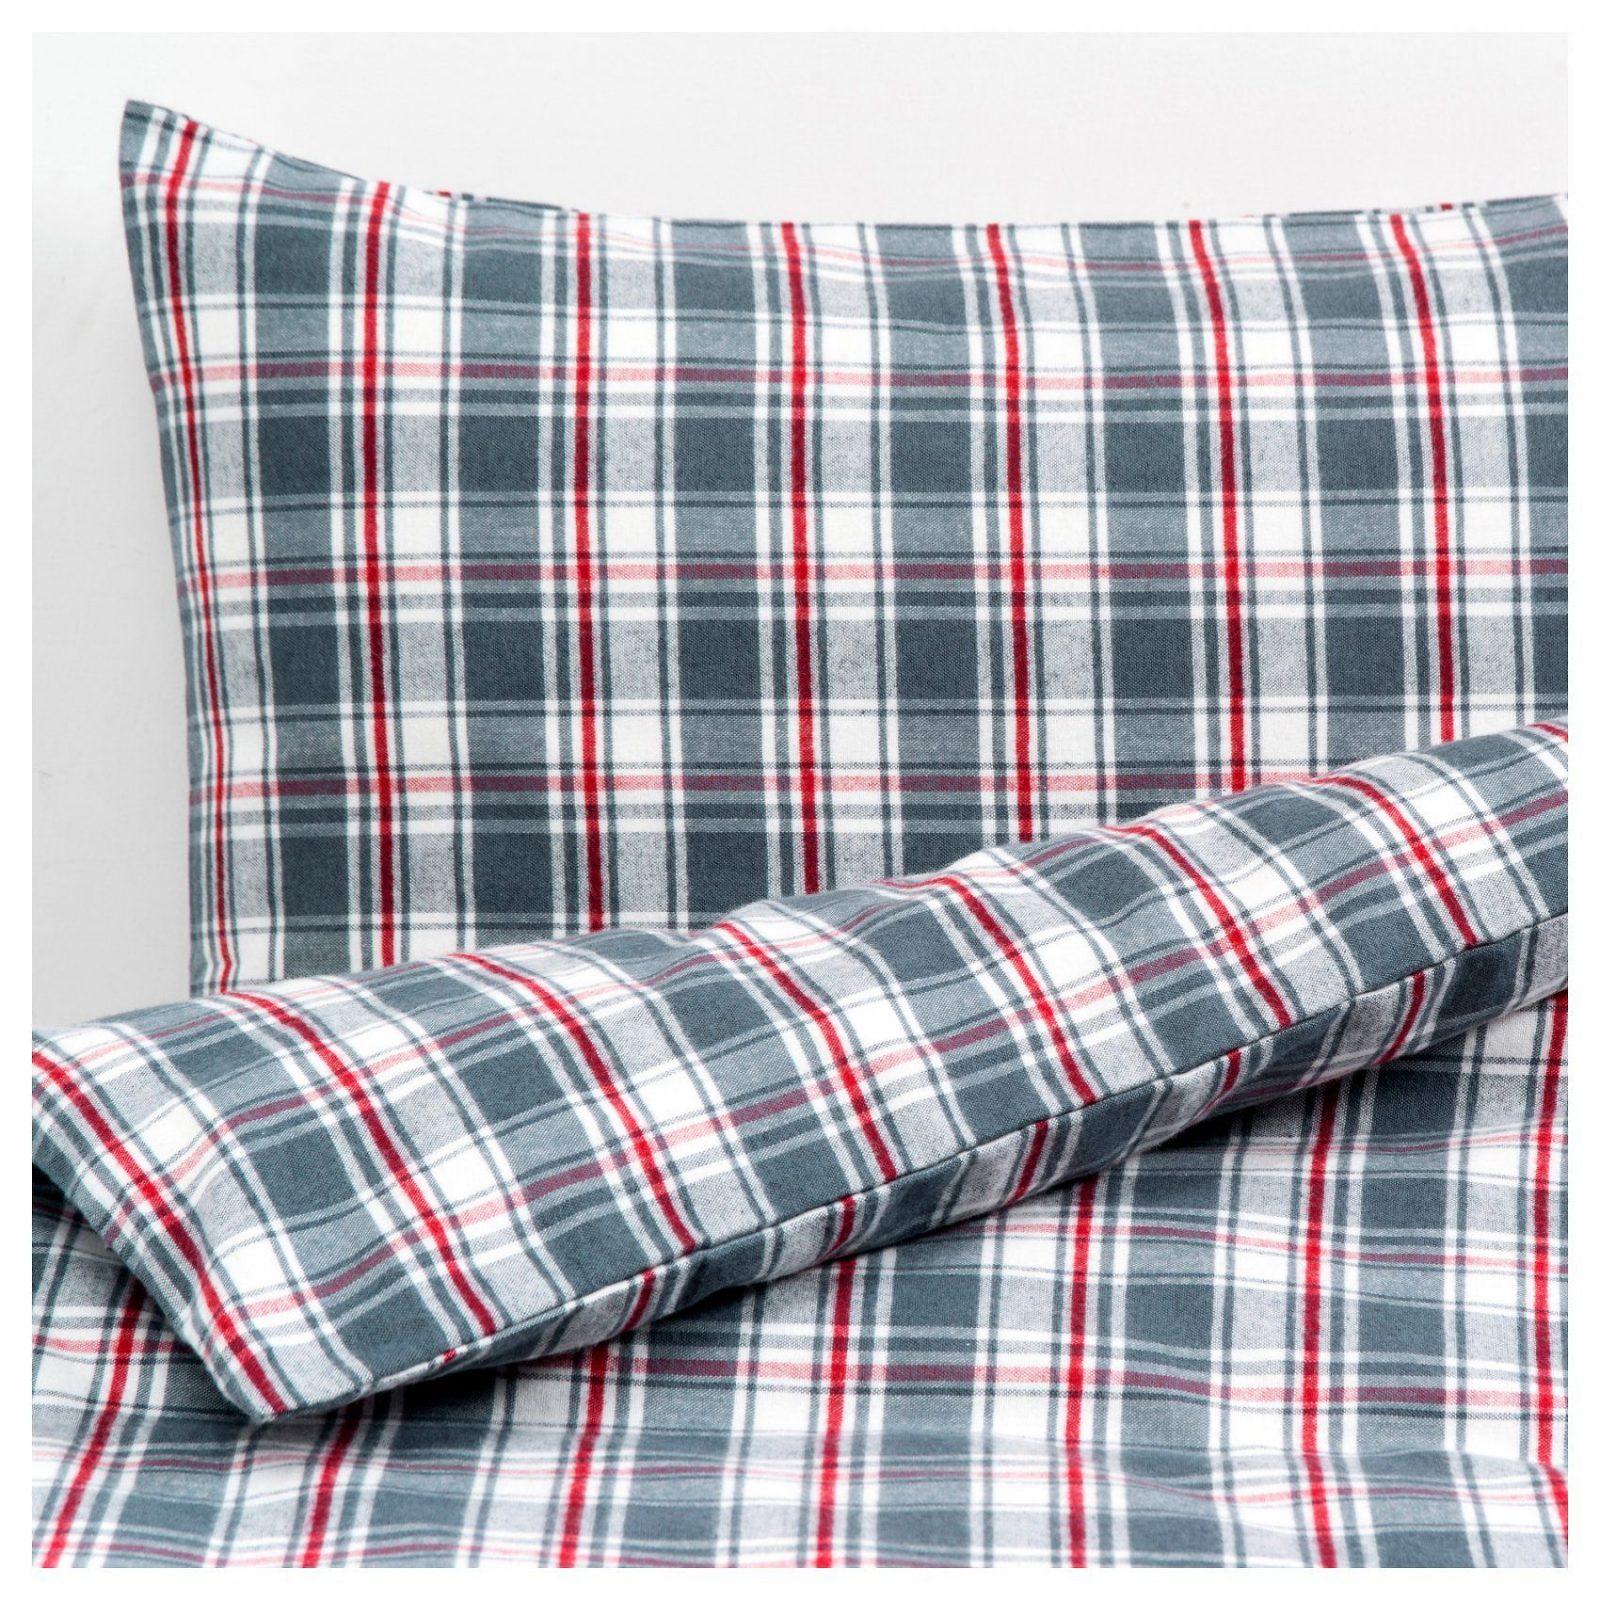 Beeindruckend Flanell Bettwäsche Ikea 0479939 Pe619348 S5 355 von Ikea Biber Bettwäsche Photo